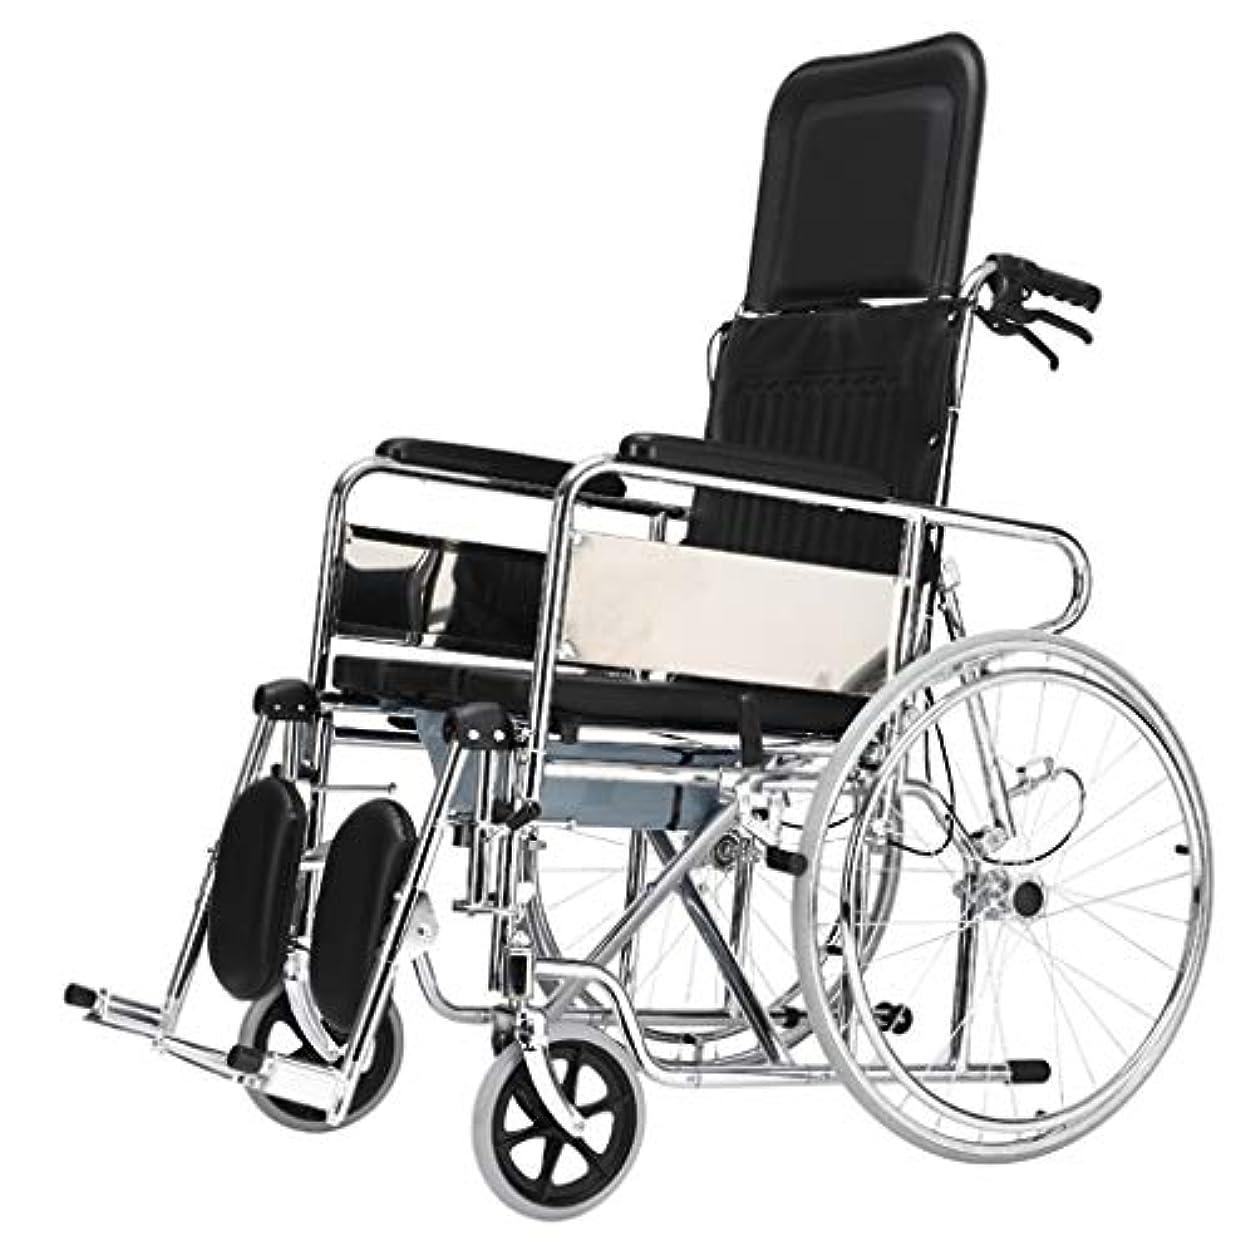 花瓶機構うんざり車椅子トロリー屋外旅行パートナー、多機能フルレイ/セミライニングデザイン、高齢者障害者車椅子